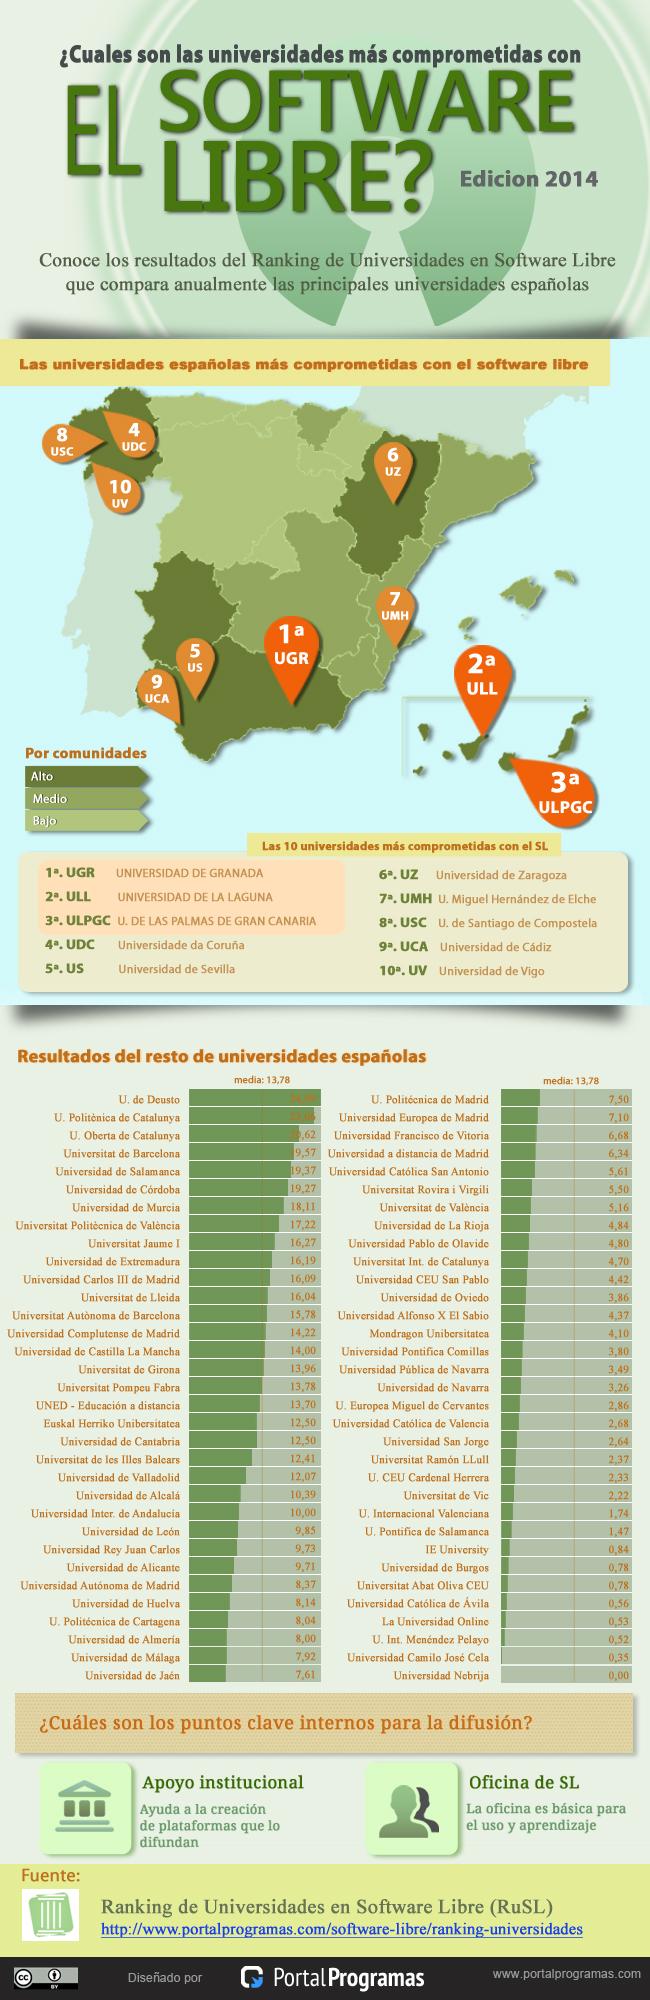 Ranking de universidades en software libre 2014 - Infografia